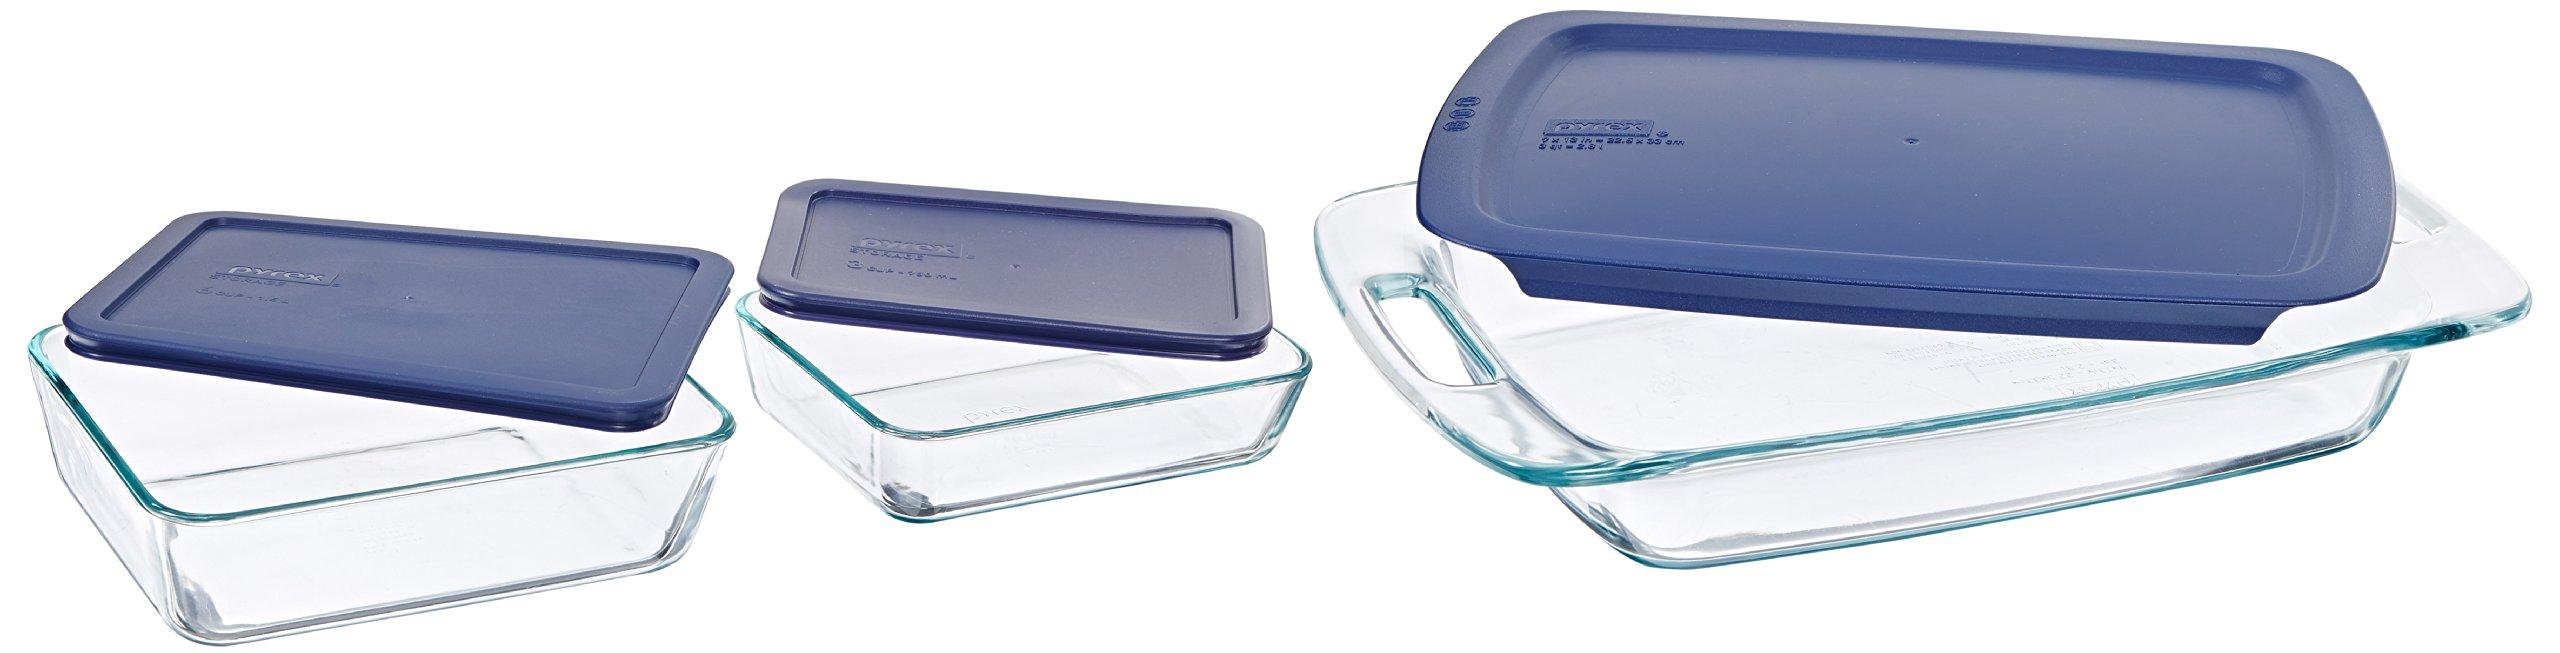 Cheap Pyrex Glass Plates Find Pyrex Glass Plates Deals On